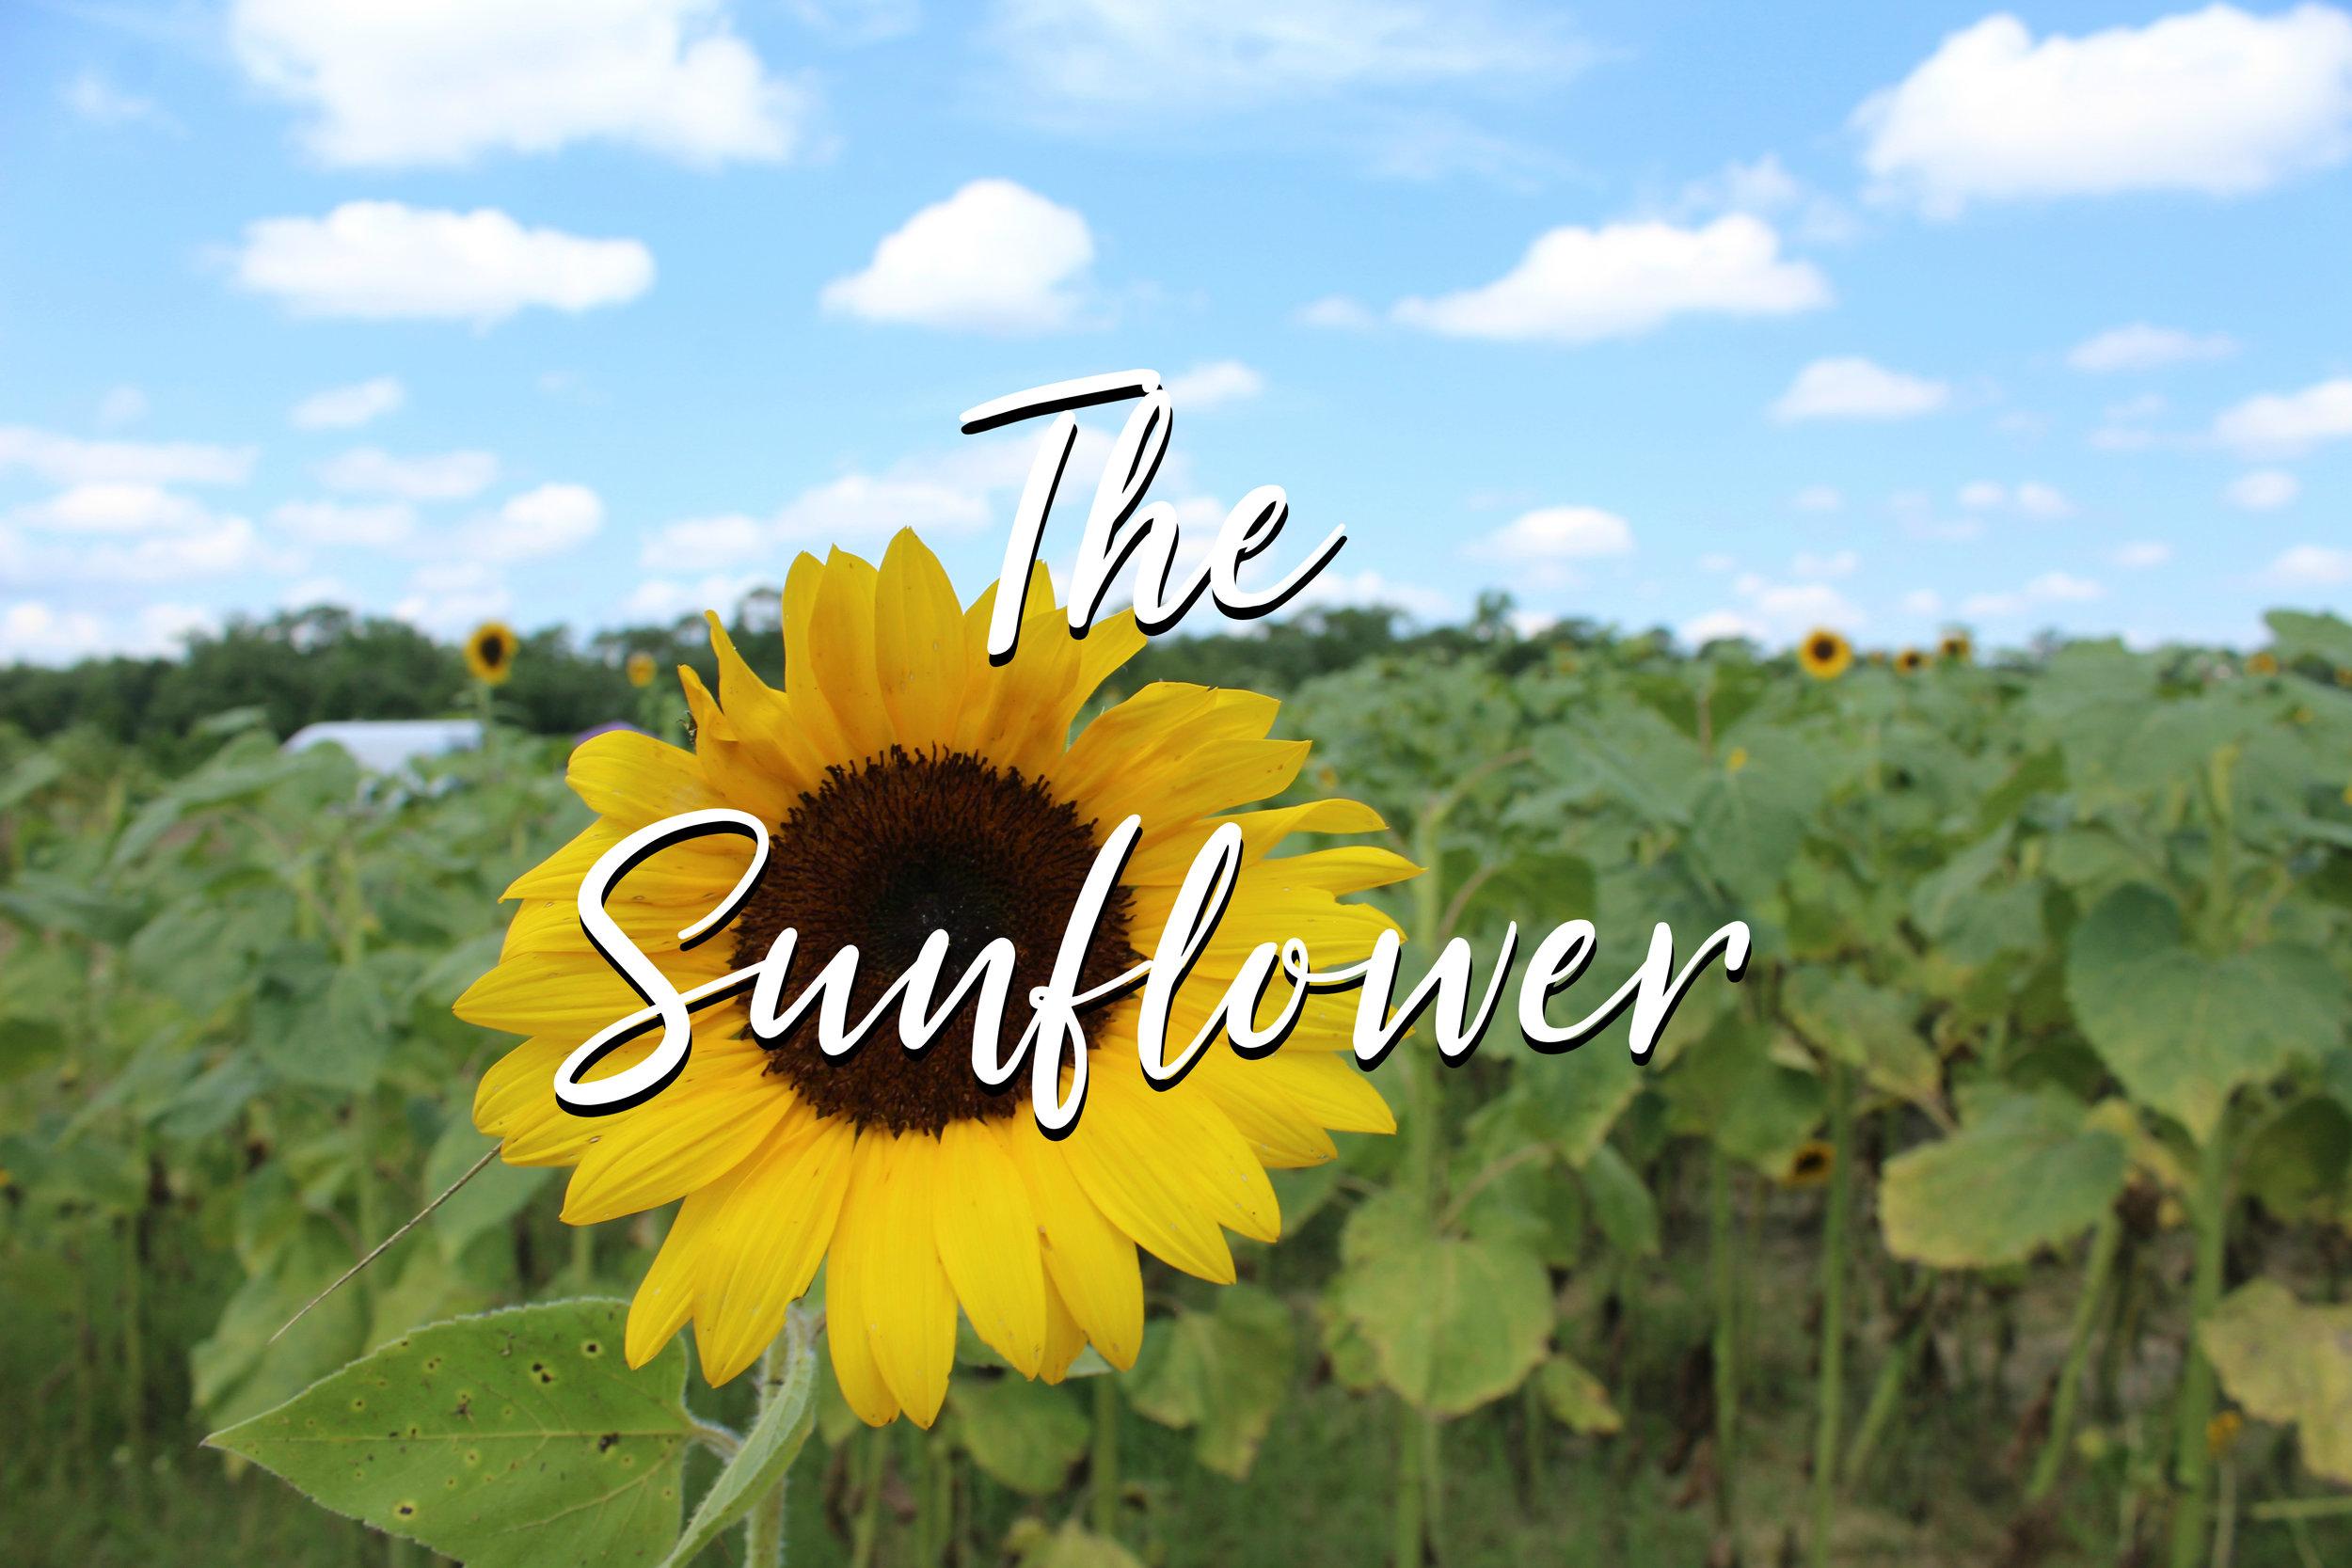 Michelle Jester The Sunflower1.jpg